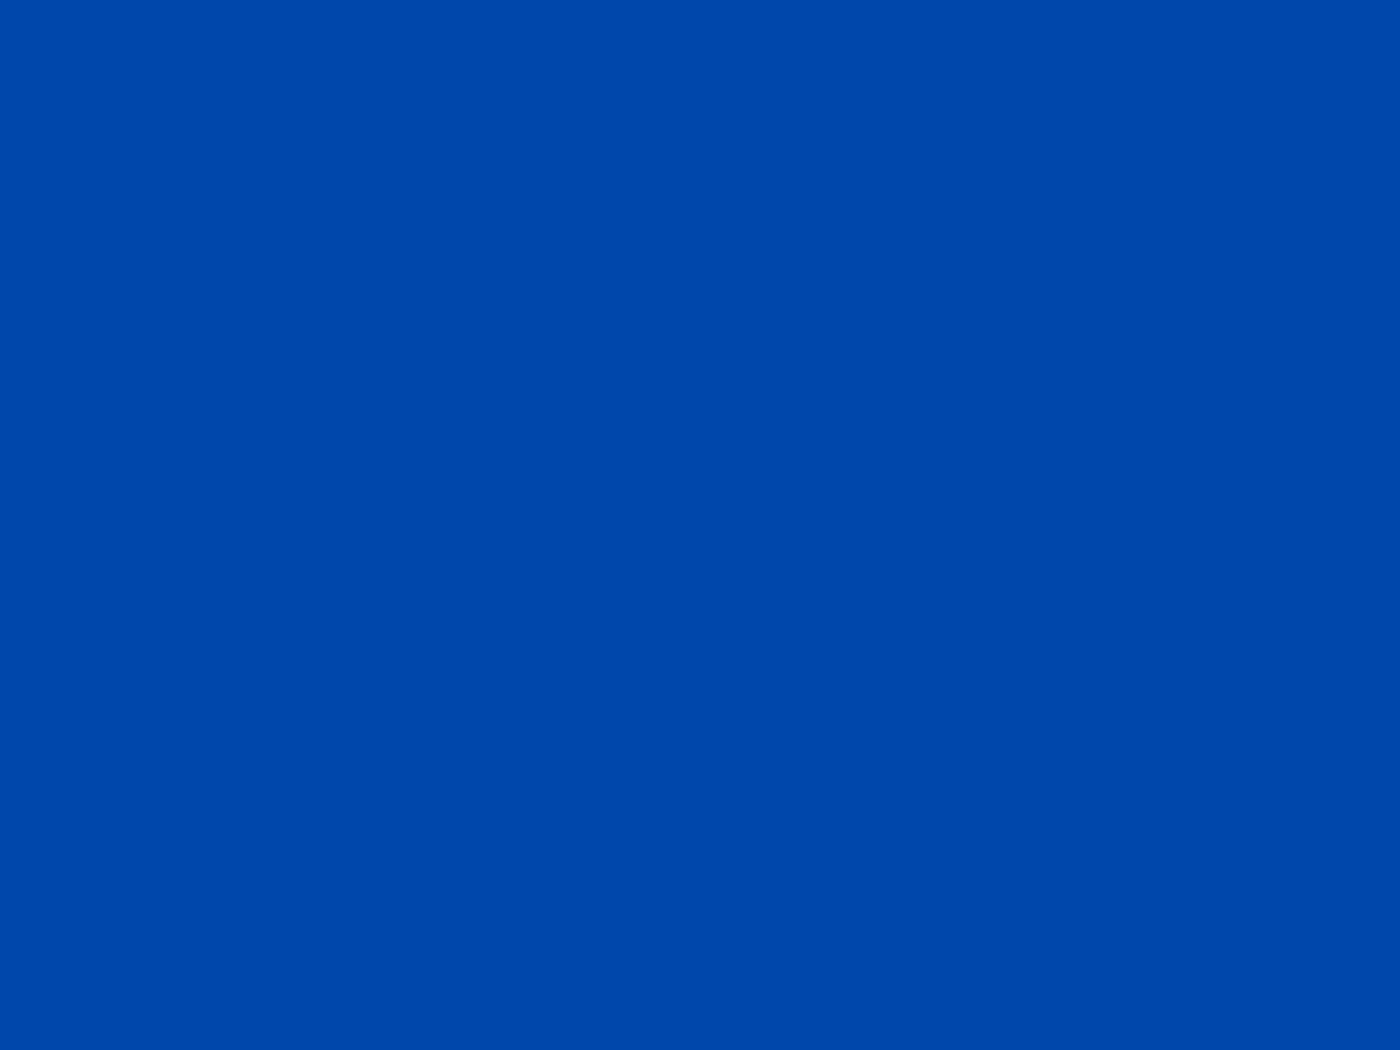 1400x1050 Cobalt Solid Color Background